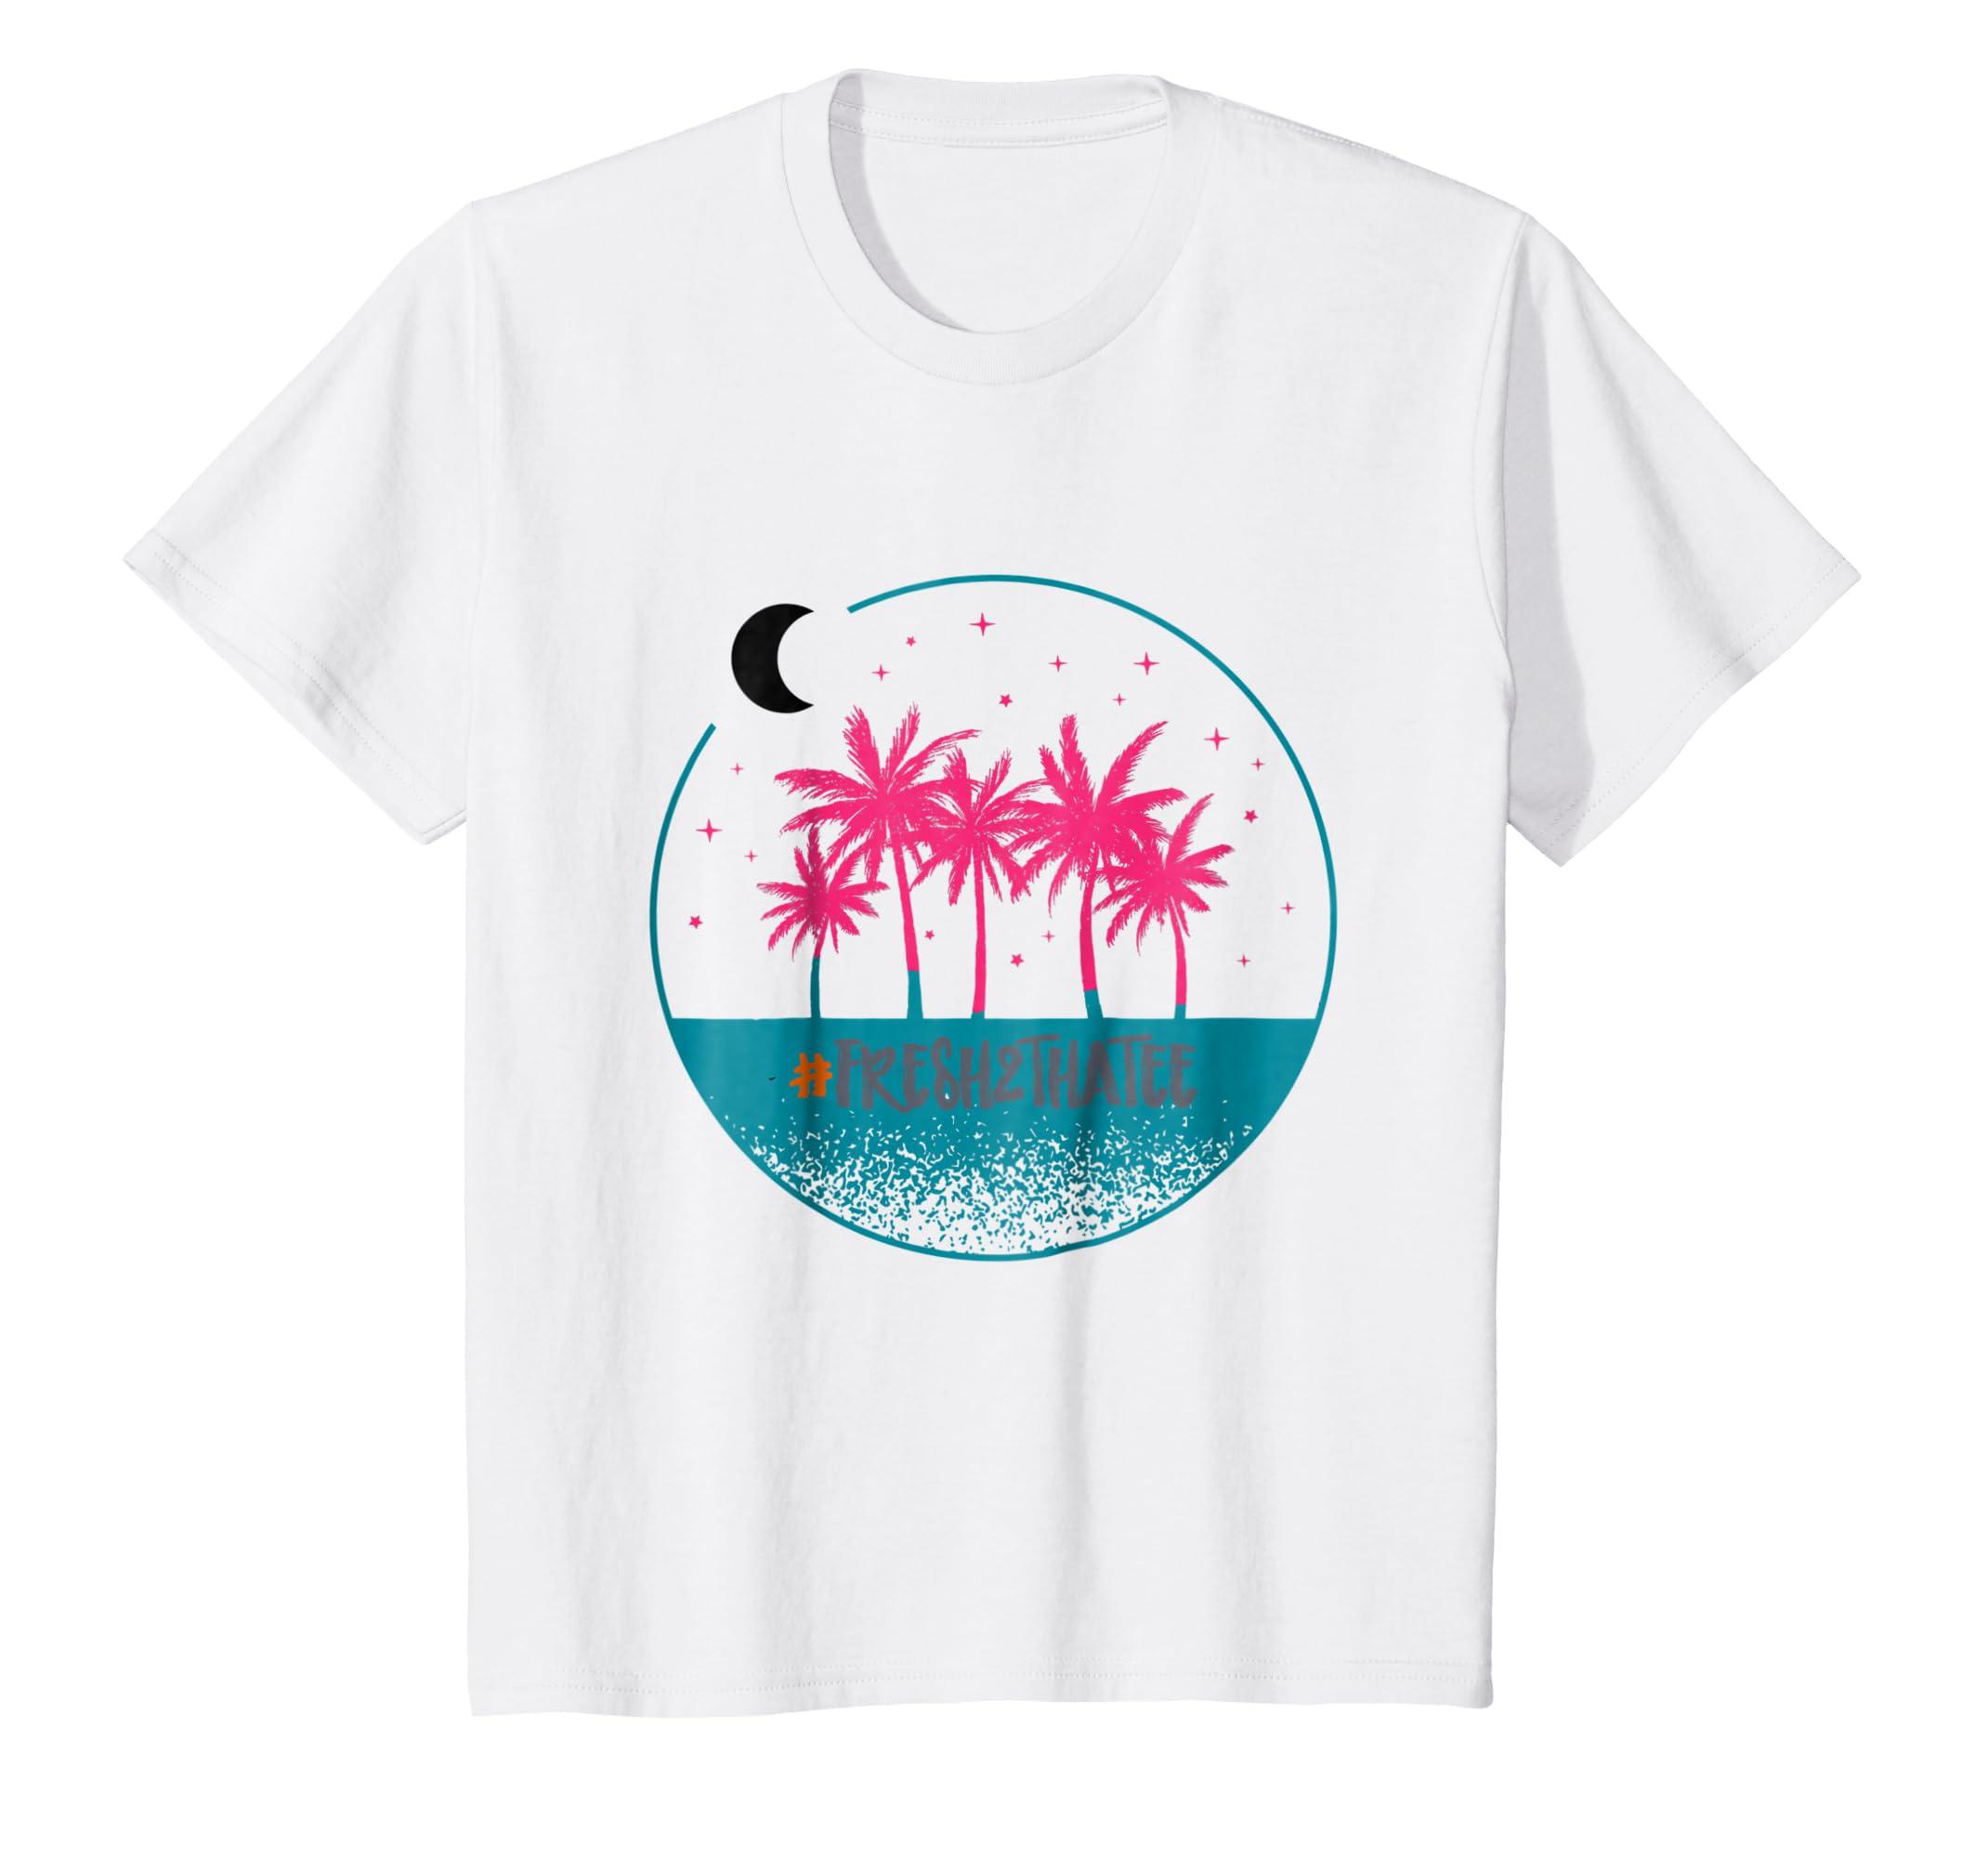 3c6e2bf8f0d496 Amazon.com  Shirt made to match Jordan 8 south beach  Clothing